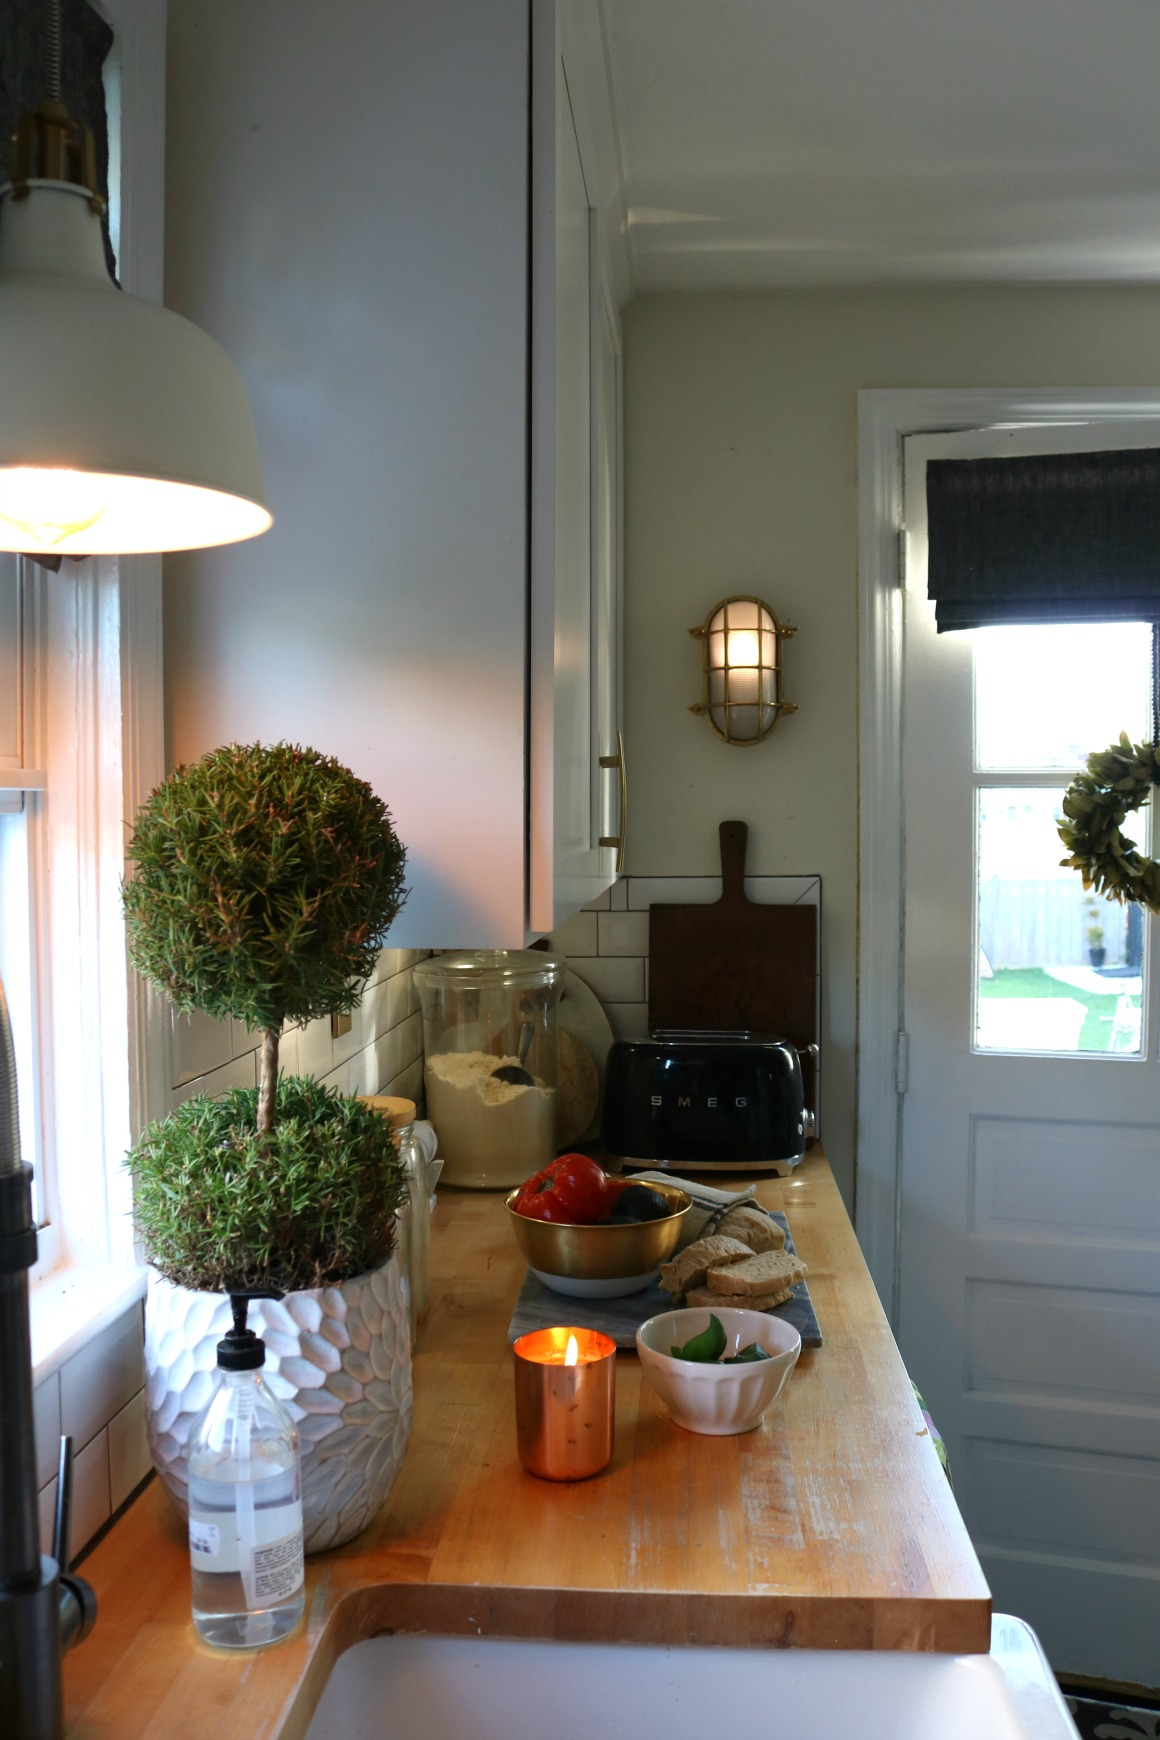 Sources for Unique Home Decor